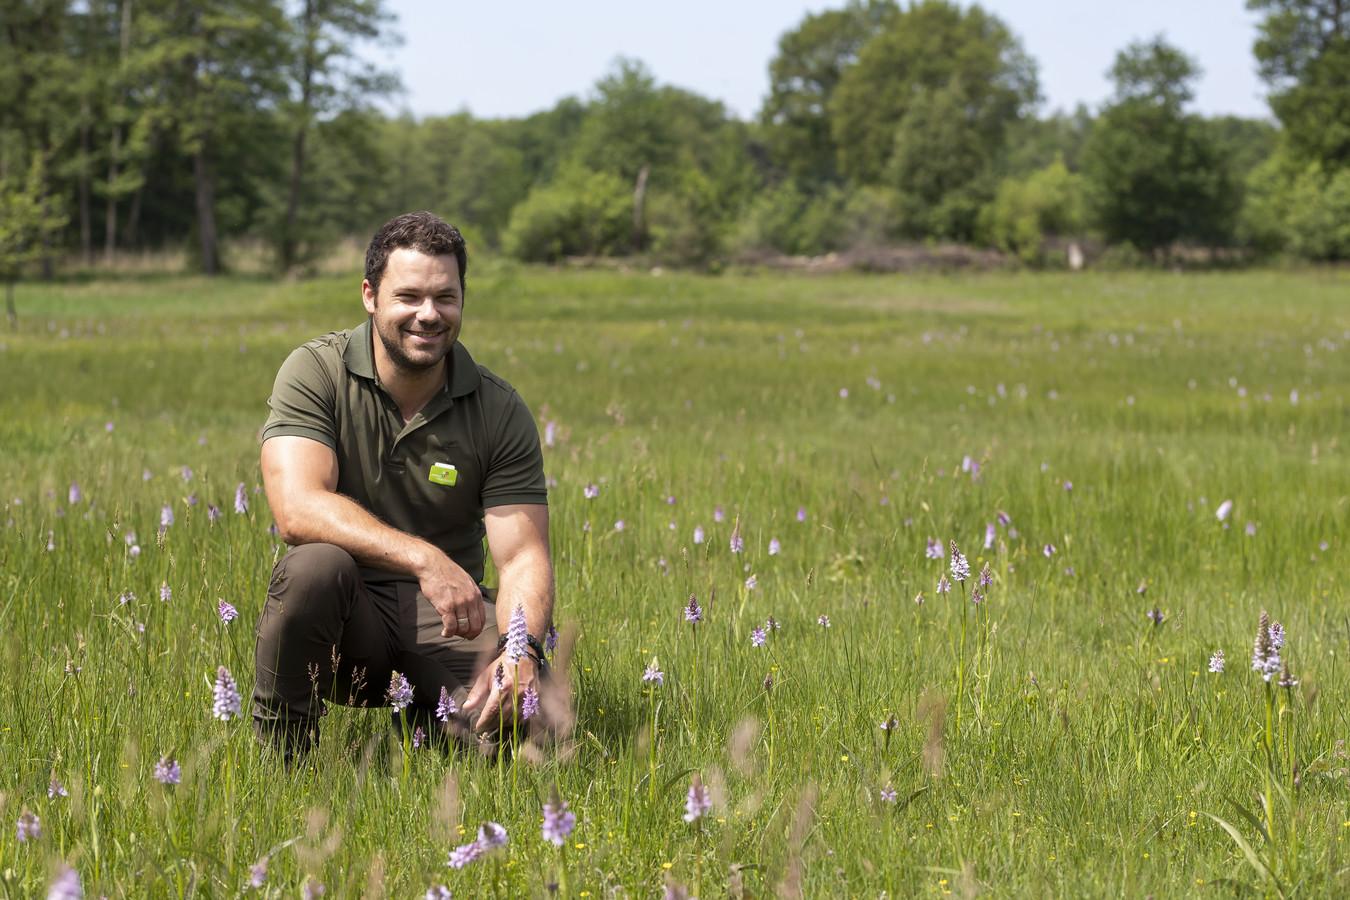 Rick Staudt van Landschap Overijssel tussen de zeldzame orchideeën in het Dal van de Mosbeek.